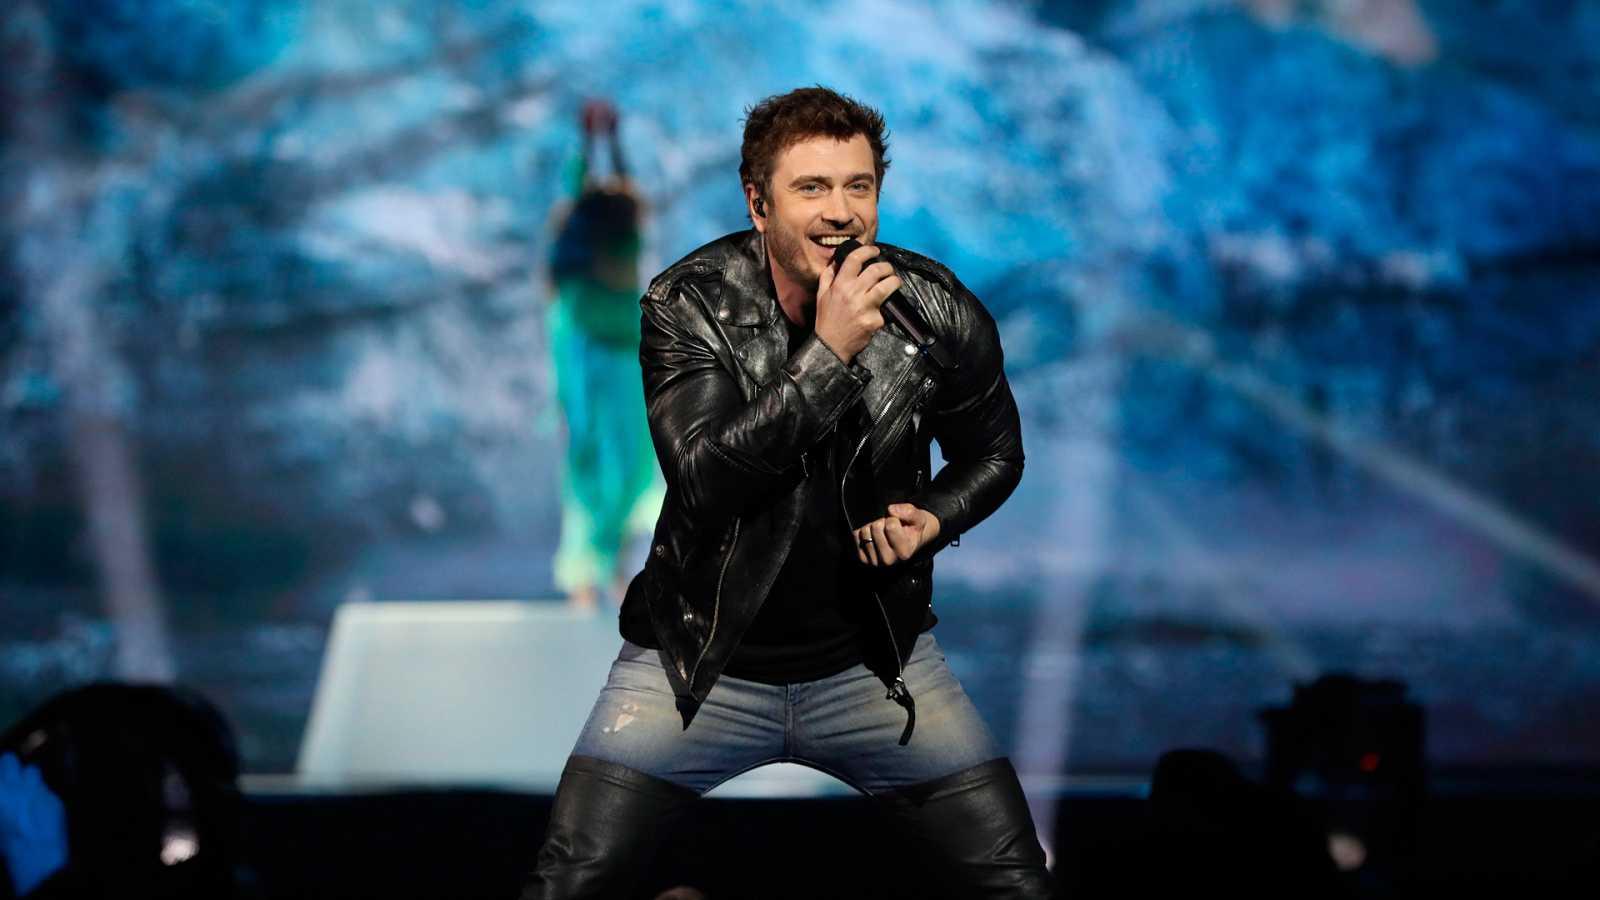 """Eurovisión 2019 - Finlandia: Darude feat. Sebastian Rejman canta """"Look away"""" en la primera semifinal"""